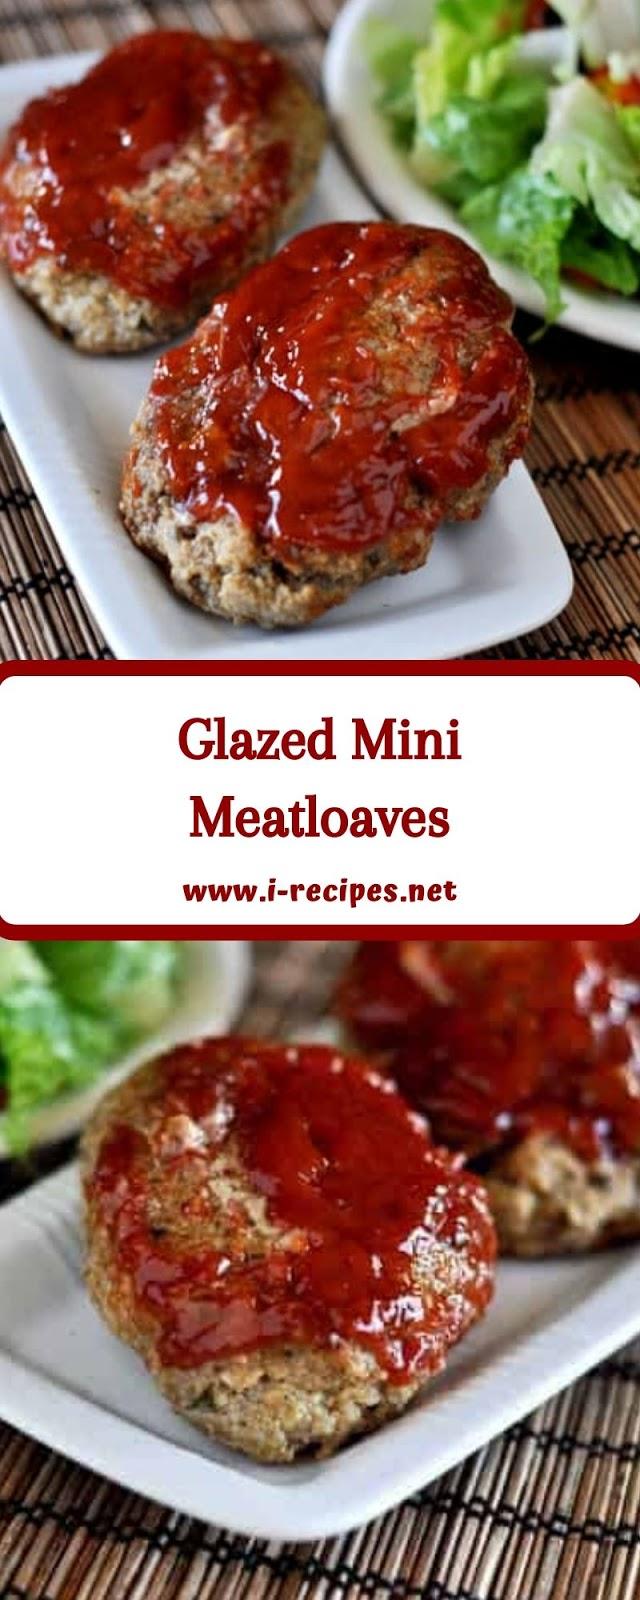 Glazed Mini Meatloaves